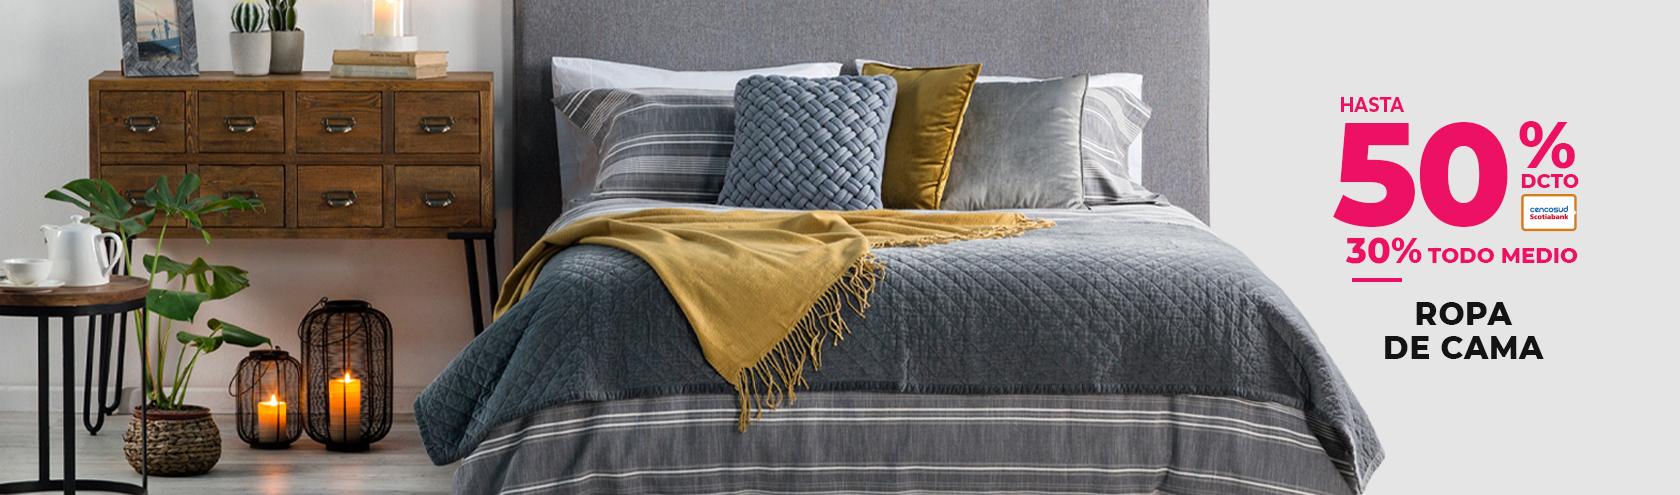 Hasta 40% de descuento con tarjeta cencosud en ropa de cama